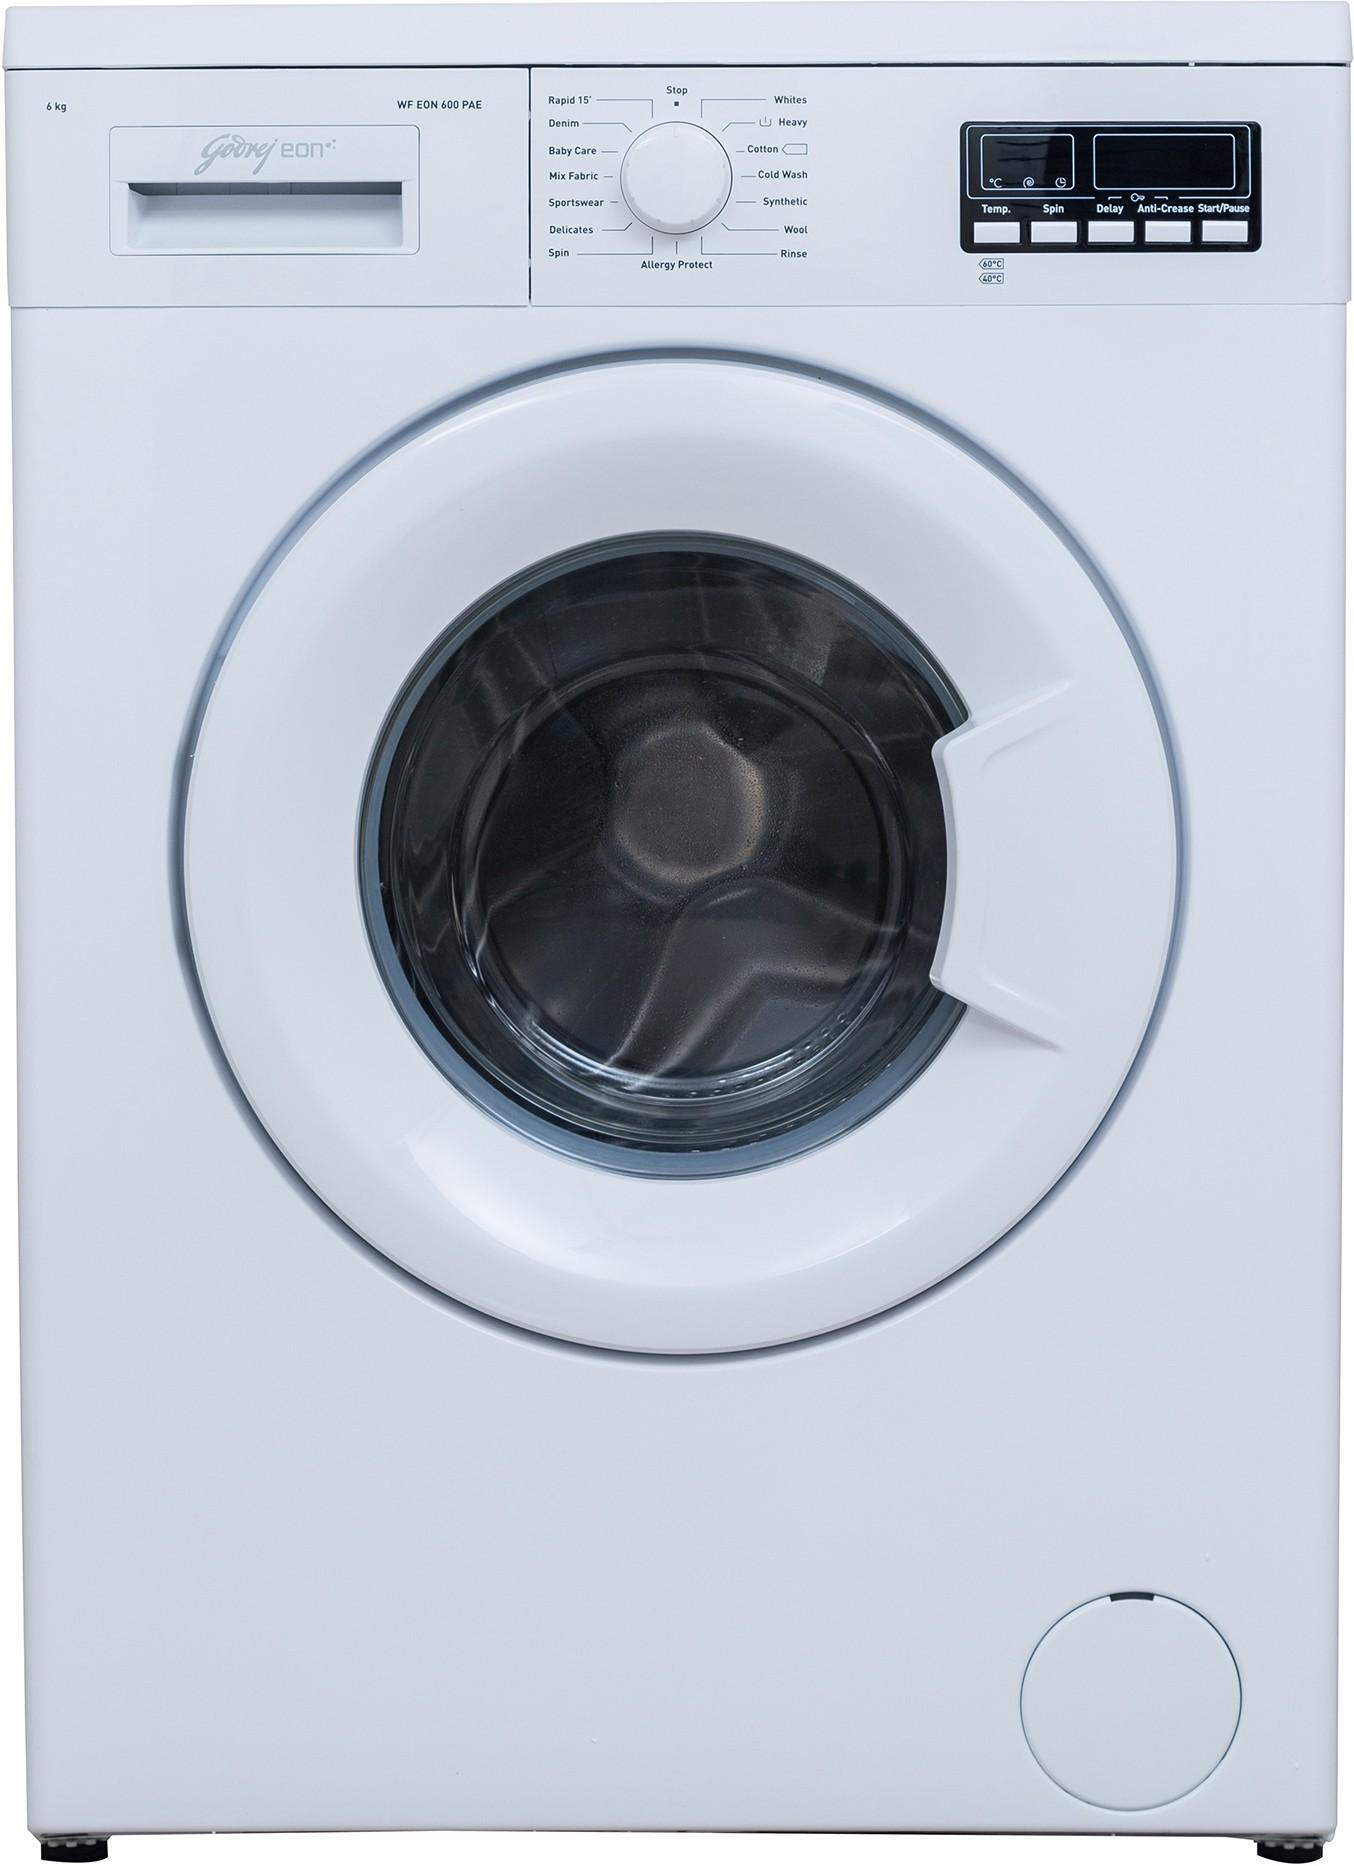 Godrej 6 kg Fully Automatic Front Load Washing Machine (WF Eon 600 PAE) Image